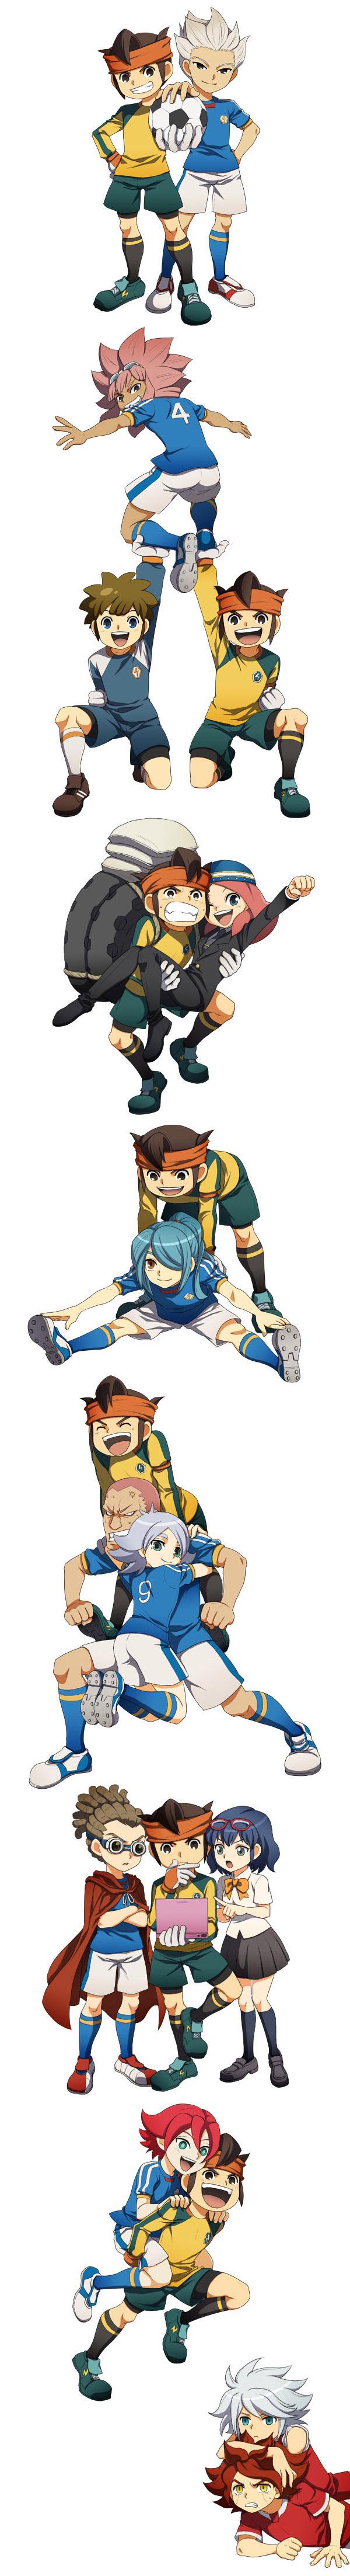 Tags: Anime, Hato Niku, Level-5, Inazuma Eleven, Tachimukai Yuuki, Suzuno Fuusuke, Kazemaru Ichirouta, Kidou Yuuto, Nagumo Haruya, Endou Mamoru, Gouenji Shuuya, Someoka Ryuugo, Zaizen Touko